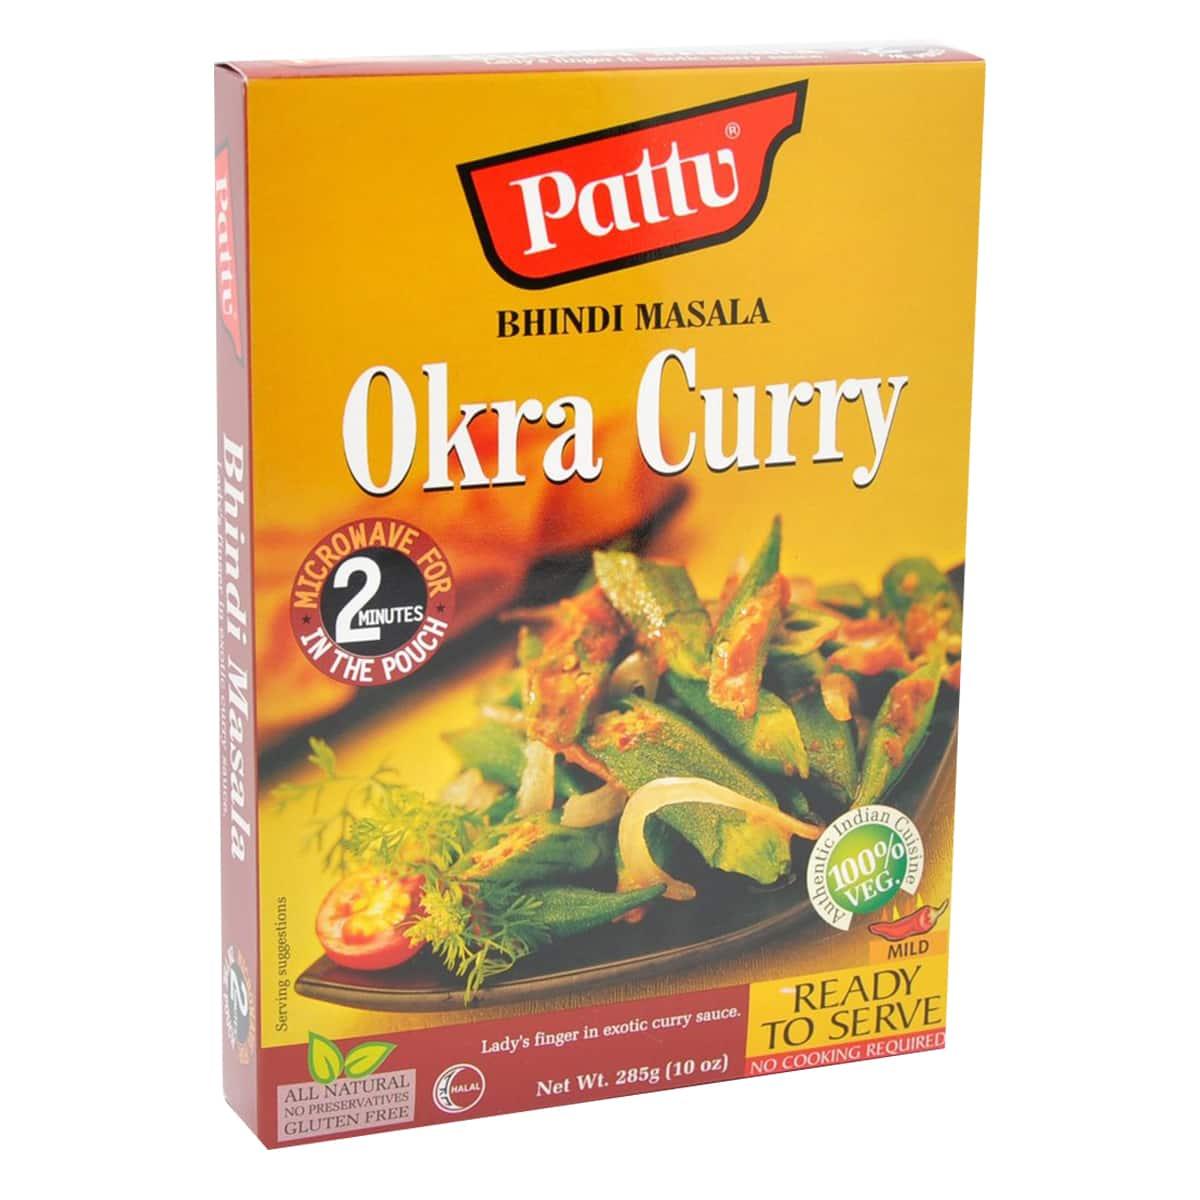 Buy Pattu Bhindi Masala (Okra Curry) Ready to Serve - 285 gm